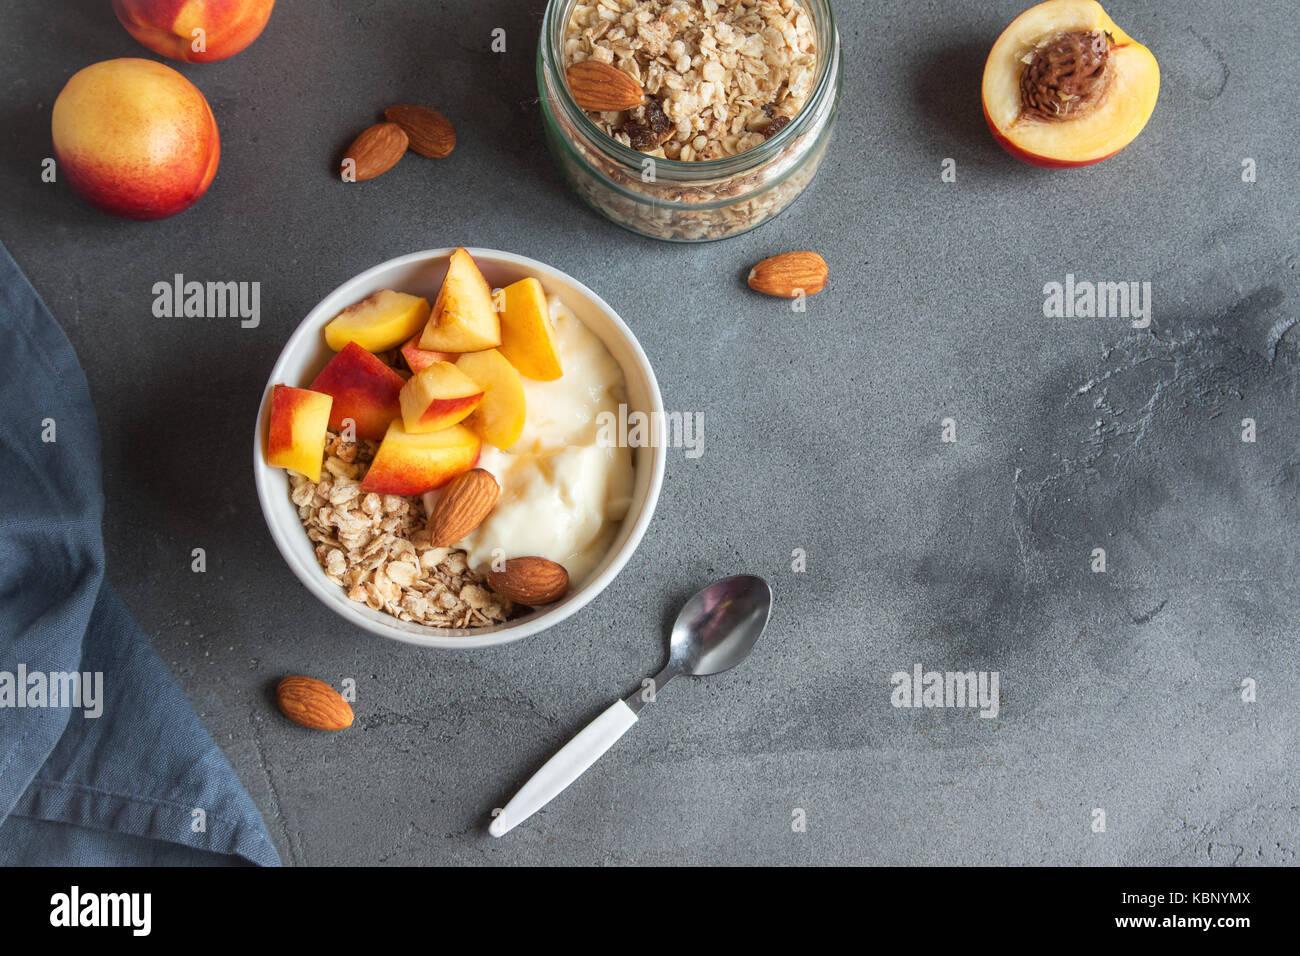 L'avoine fait maison avec du yogourt et granola pêches au bol pour petit-déjeuner sain. des céréales Photo Stock